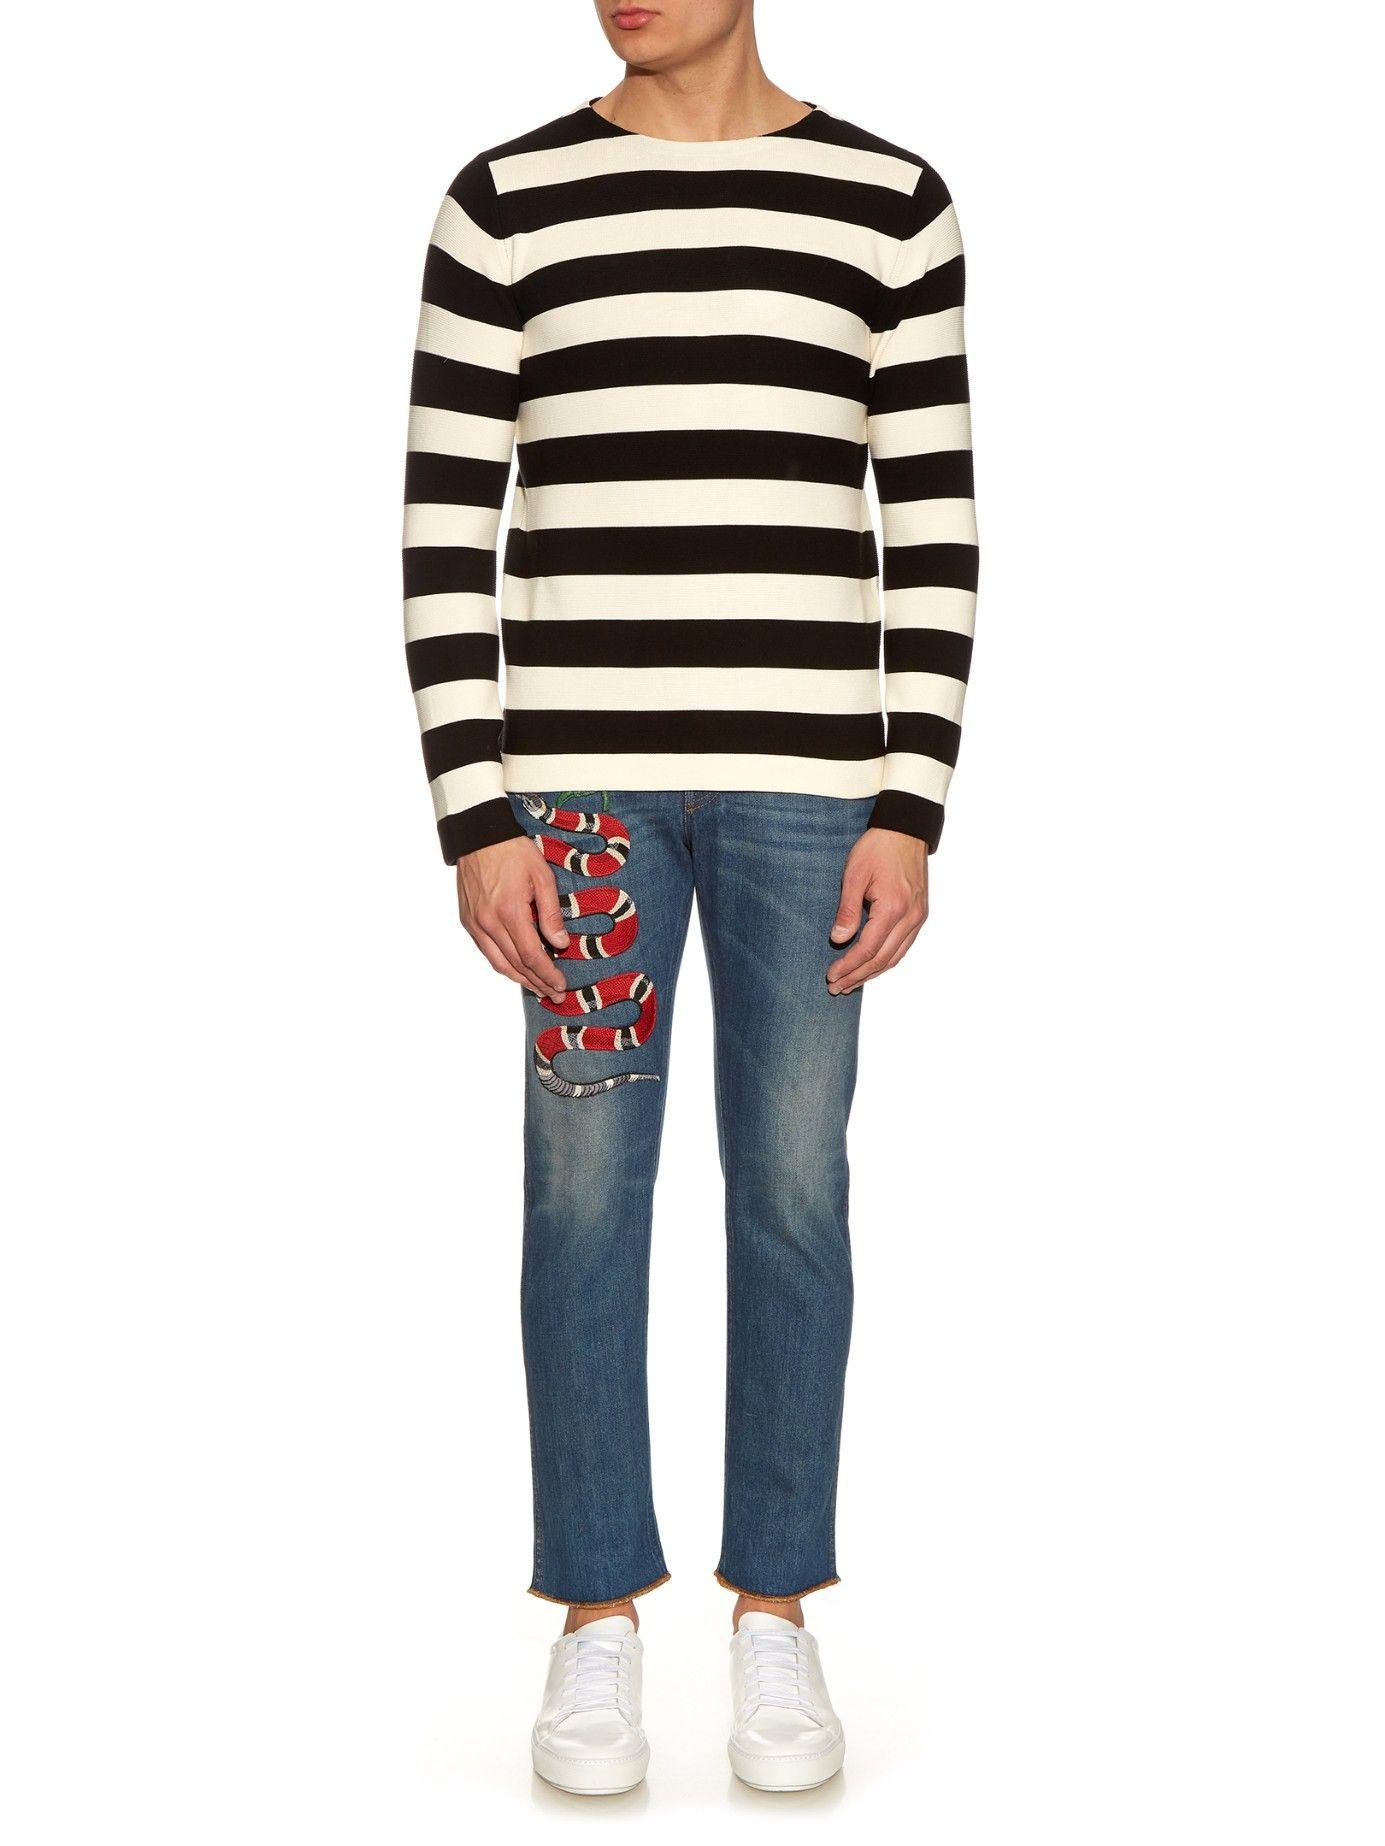 GUCCI Striped cotton crew-neck sweater €650